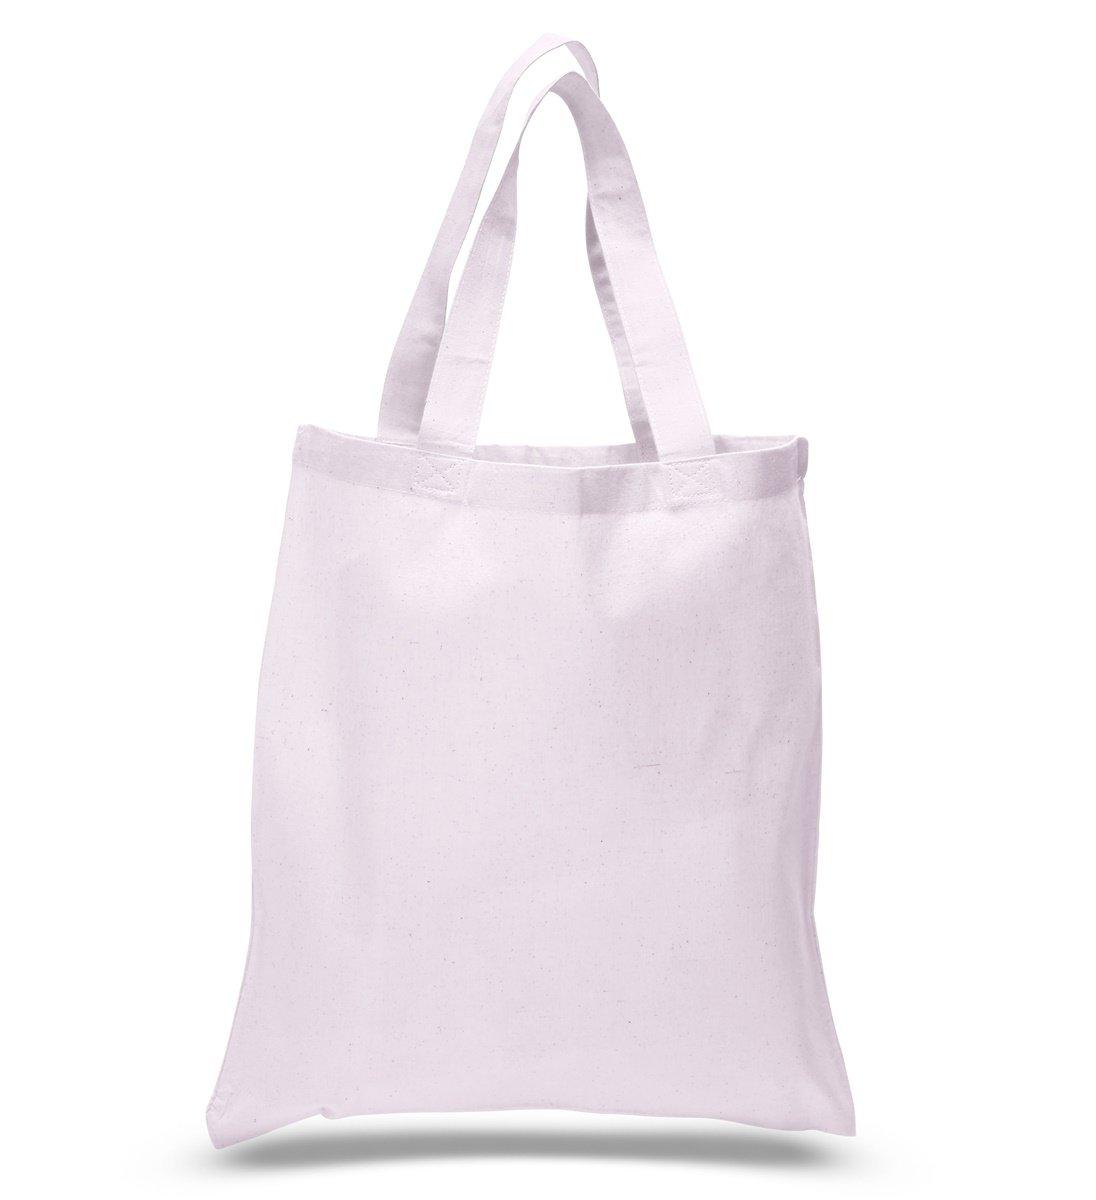 【待望★】 Set of 24 B00QDPBTVU Blank (2 Blank Cotton Tote Bags Reusable 100% Cotton Reusable Tote Bags (2 dozen) (AAssorted Mix) by ToteBagFactory B00QDPBTVU ホワイト ホワイト, 『1年保証』:9b2bf8cb --- domaska.lt